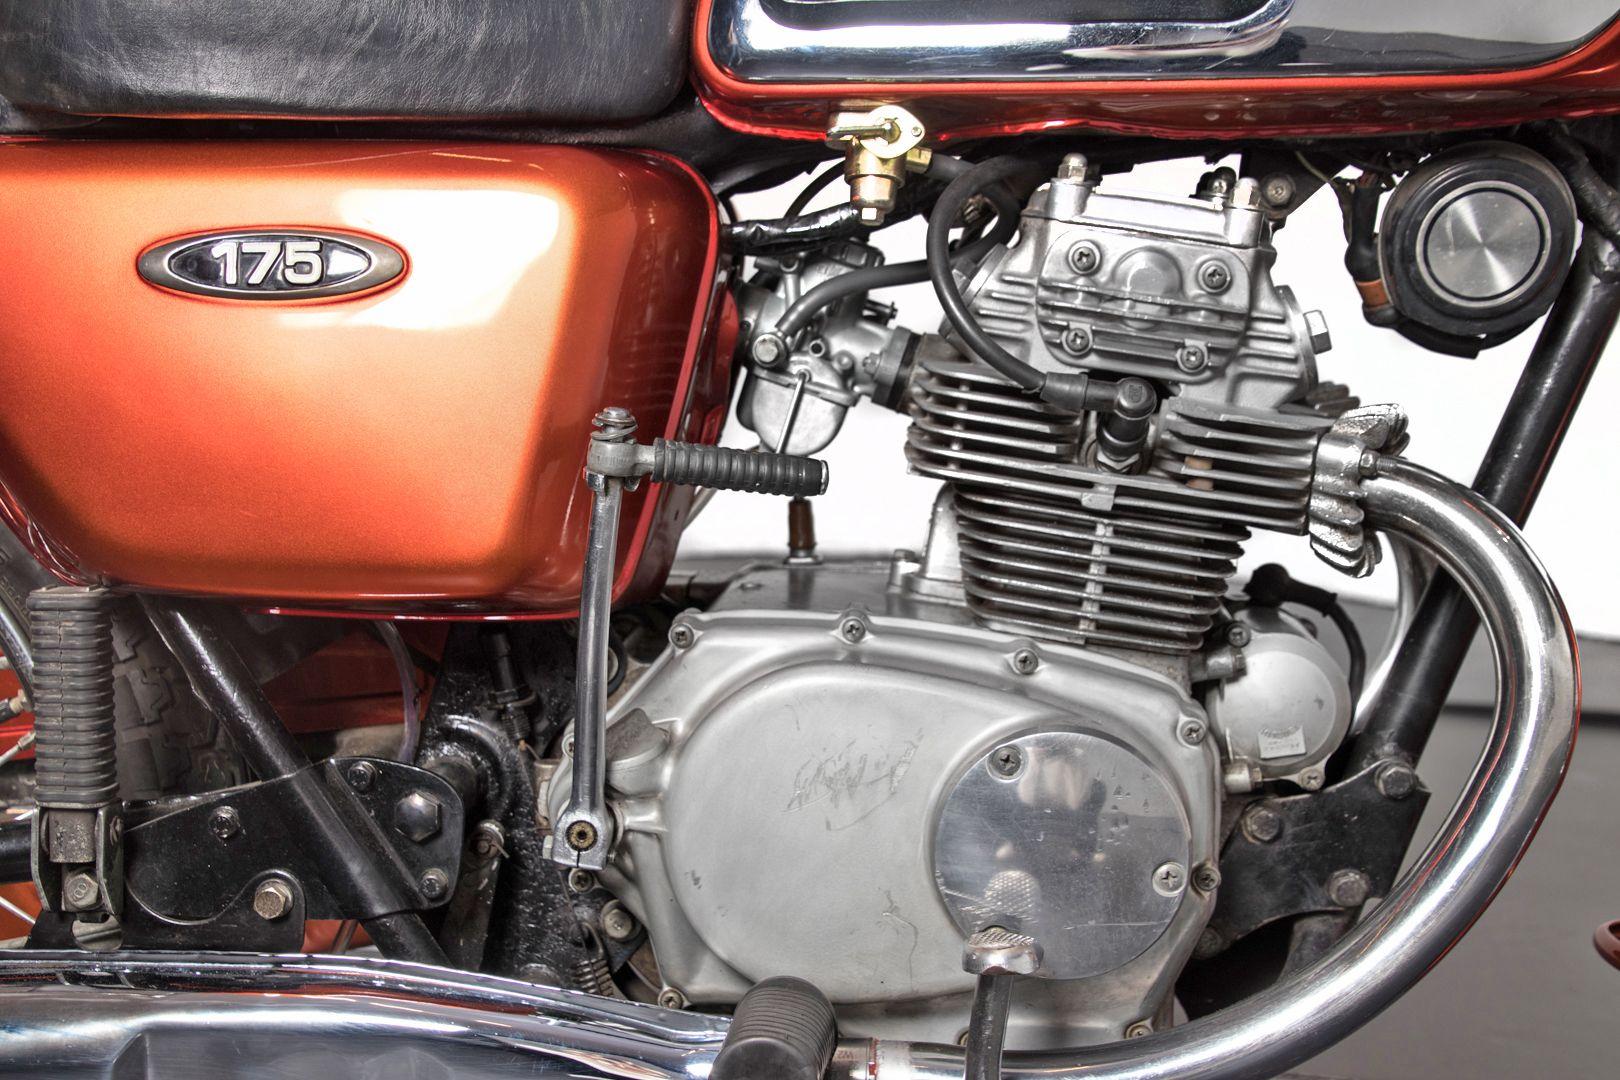 1970 Honda CD 175 36666